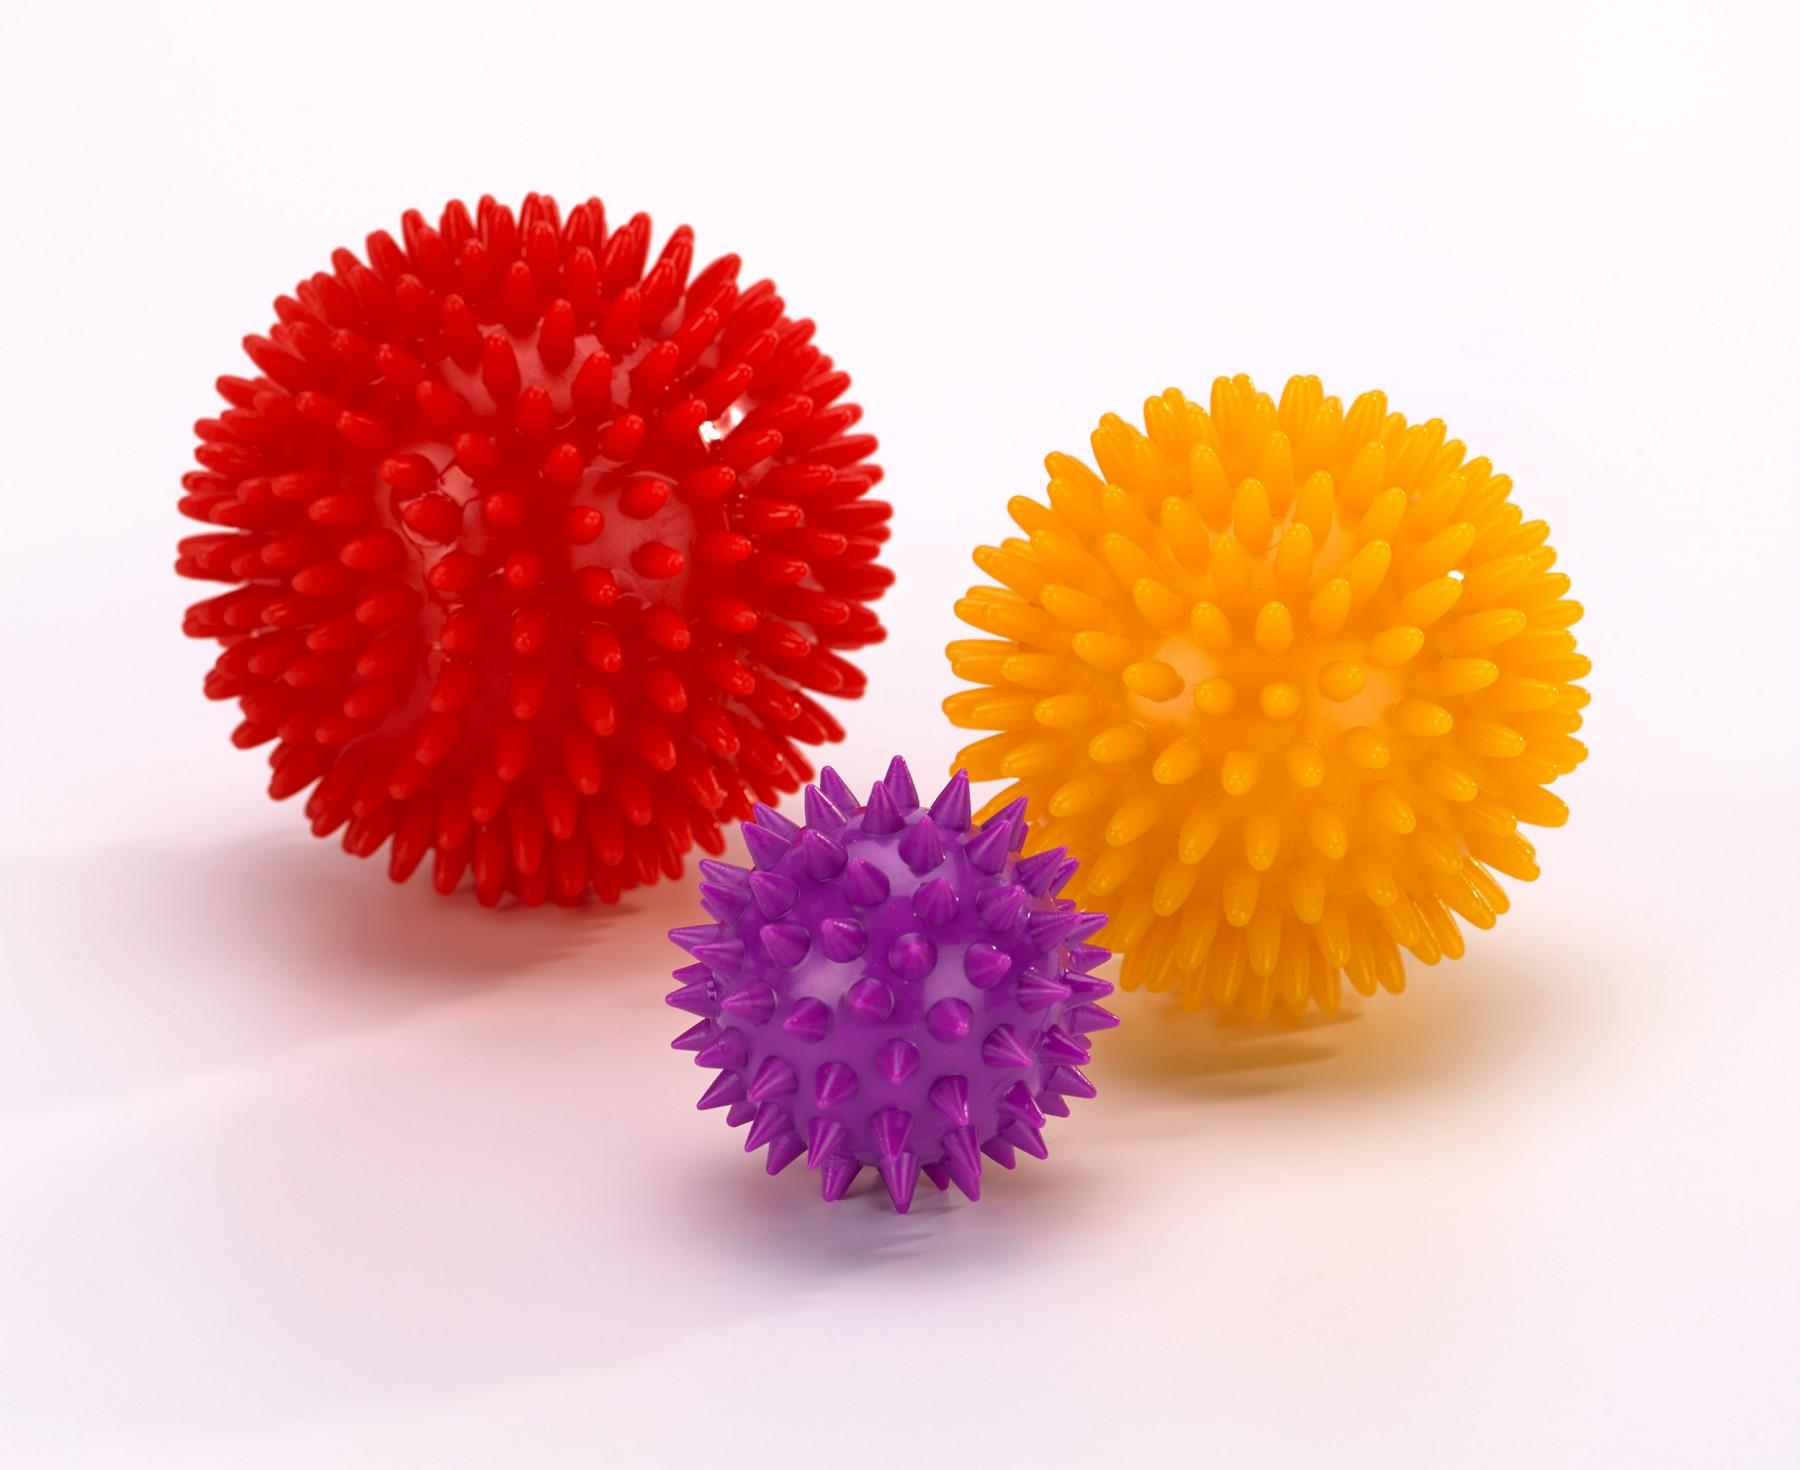 Piłeczka do masażu kolcami rehabilitacja żółta 8 cm - AGIA. '